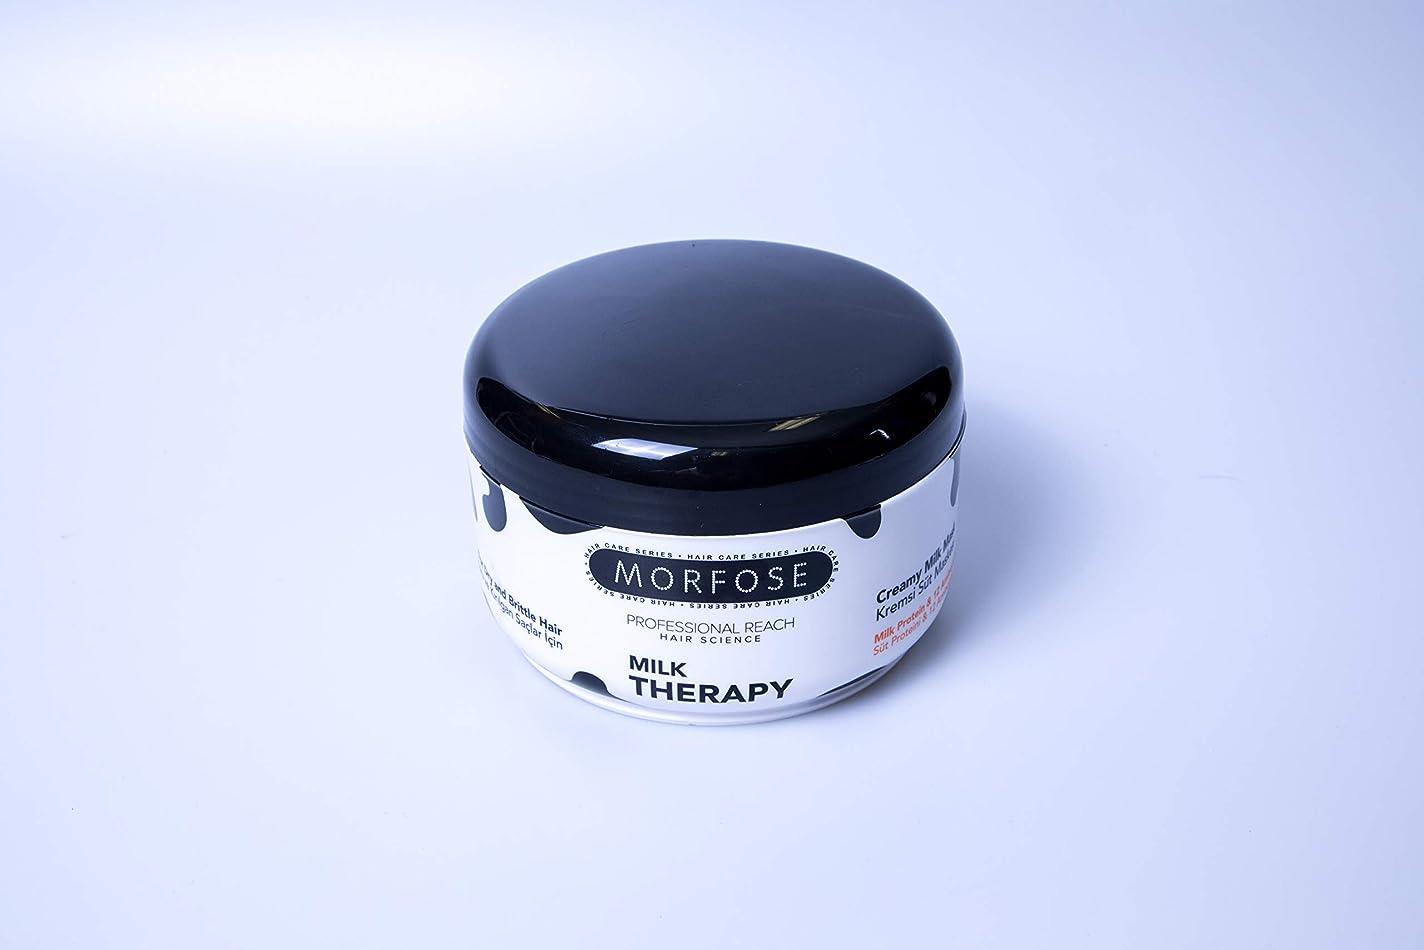 磁気免疫する強制的Morfoseミルクセラピーヘアマスク500 ml